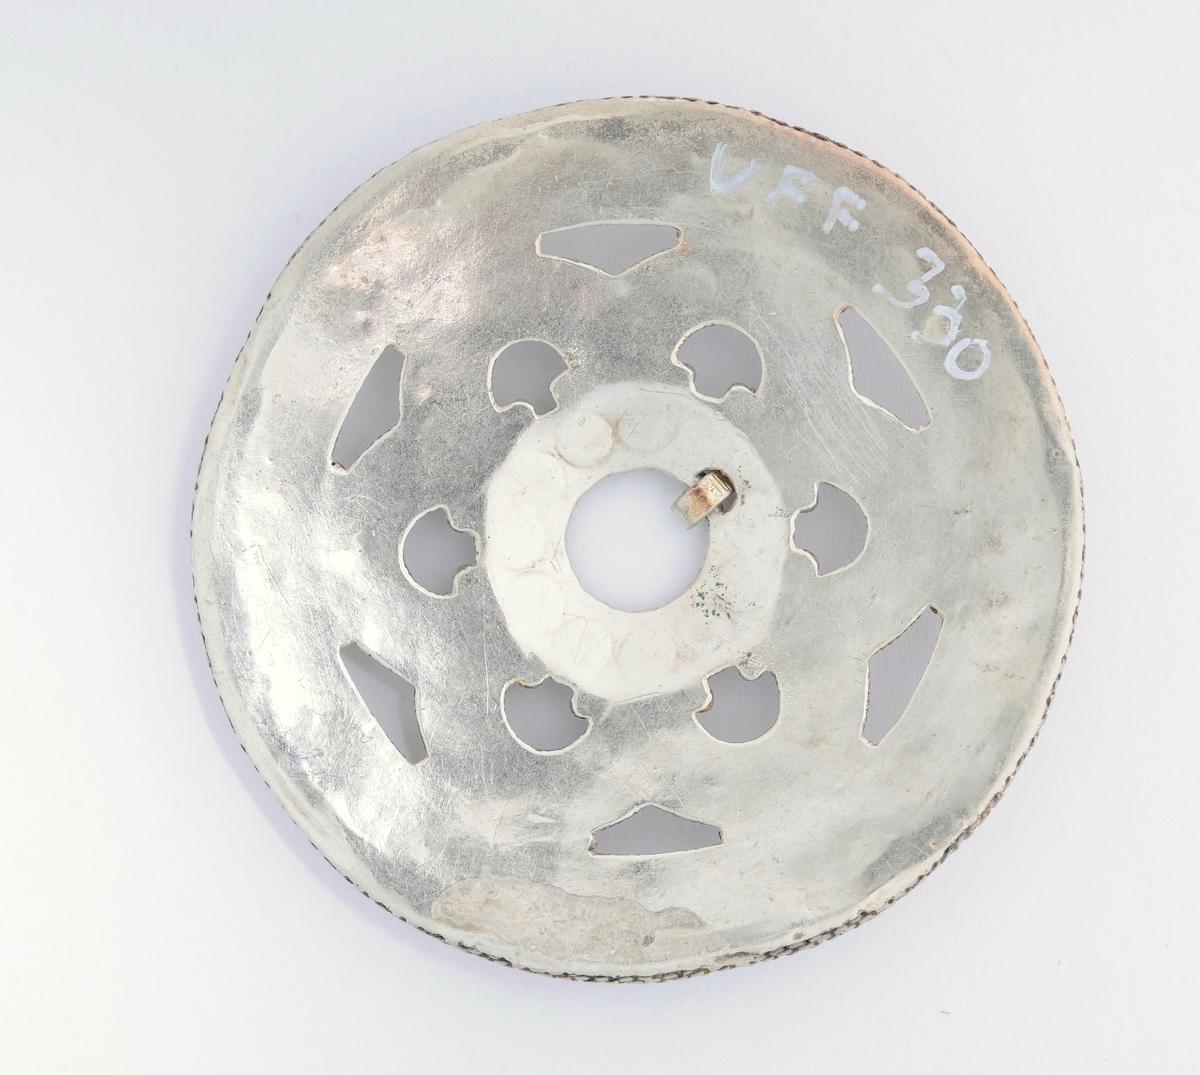 Sølje, slangesølje i sølv (utan stempel). Filigransarbeid på gjennombroten rund plate. Forgylt. Ei liten rund opning i midten med ei tann (nål). Glatt bakside.